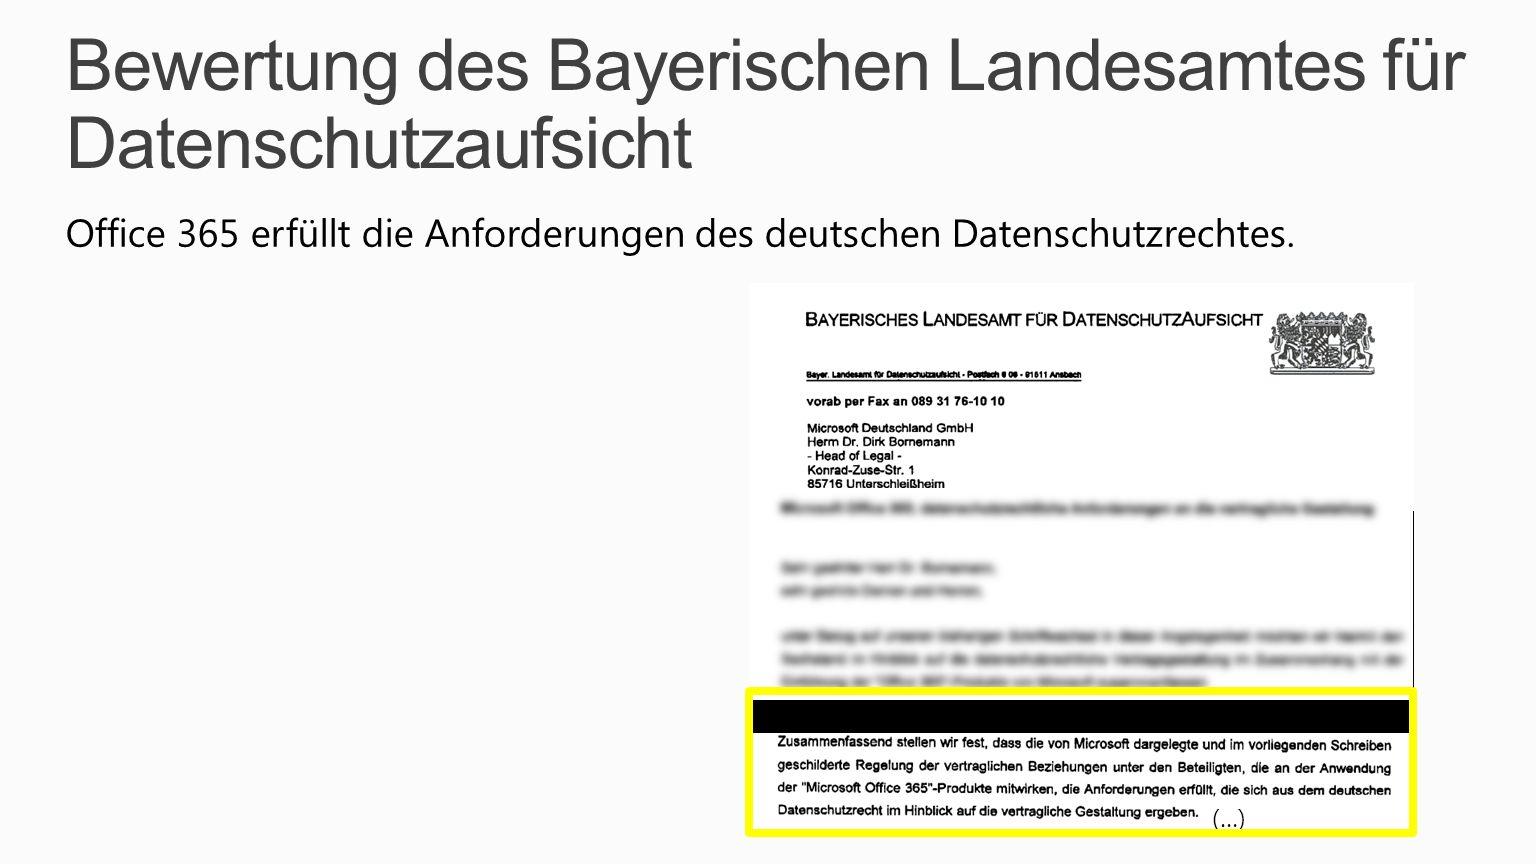 Bewertung des Bayerischen Landesamtes für Datenschutzaufsicht